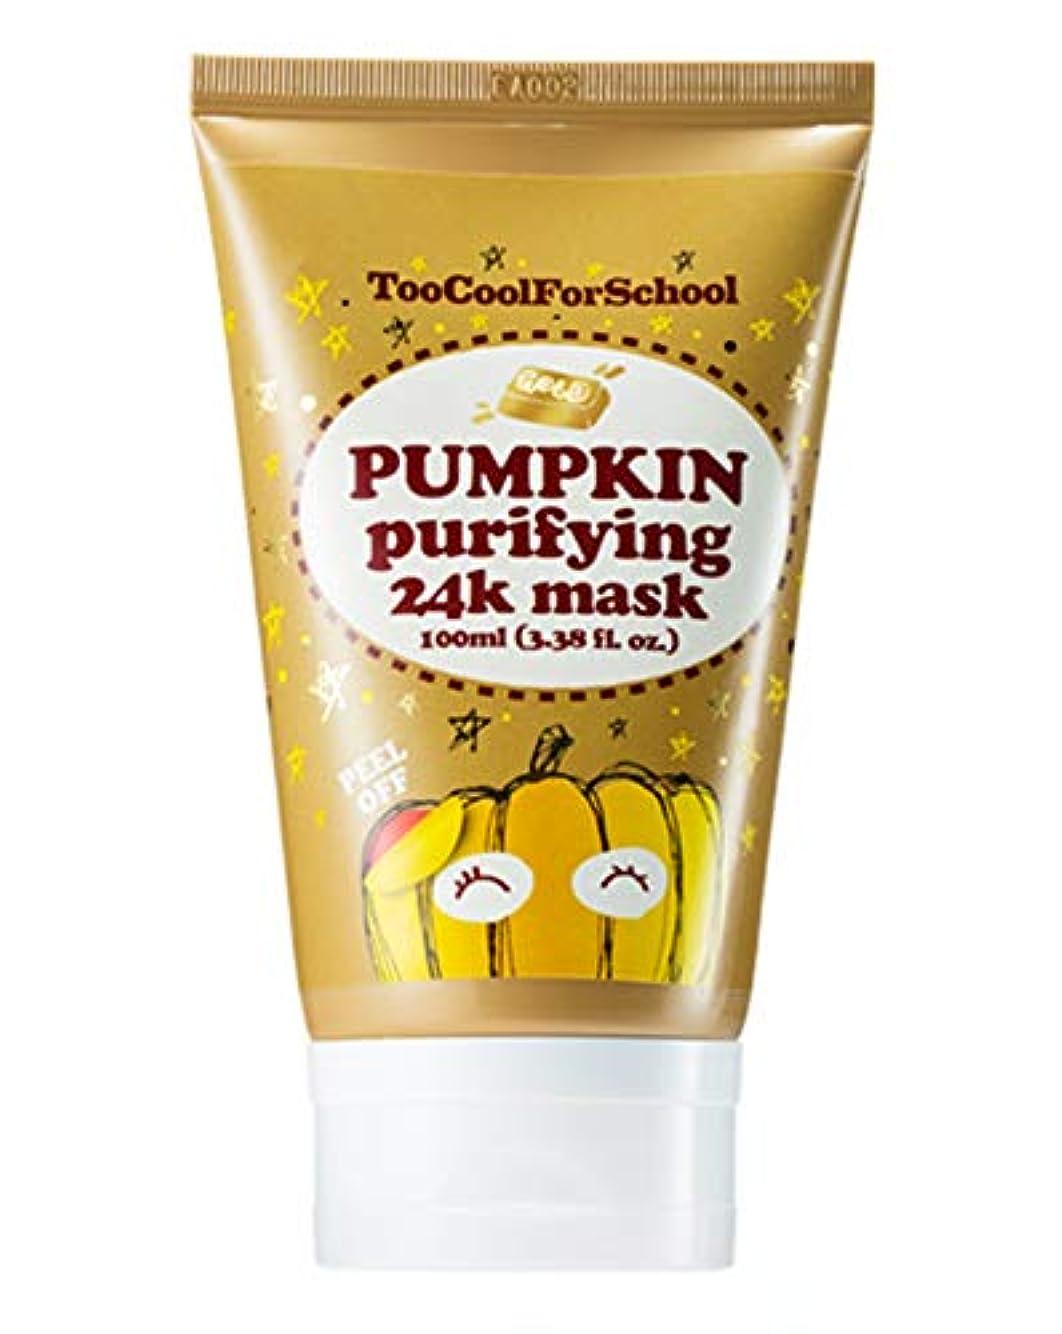 降伏弱まる請負業者Too Cool for School トゥークールフォ―スクール Pumpkin Purifying 24K Mask 100 ml